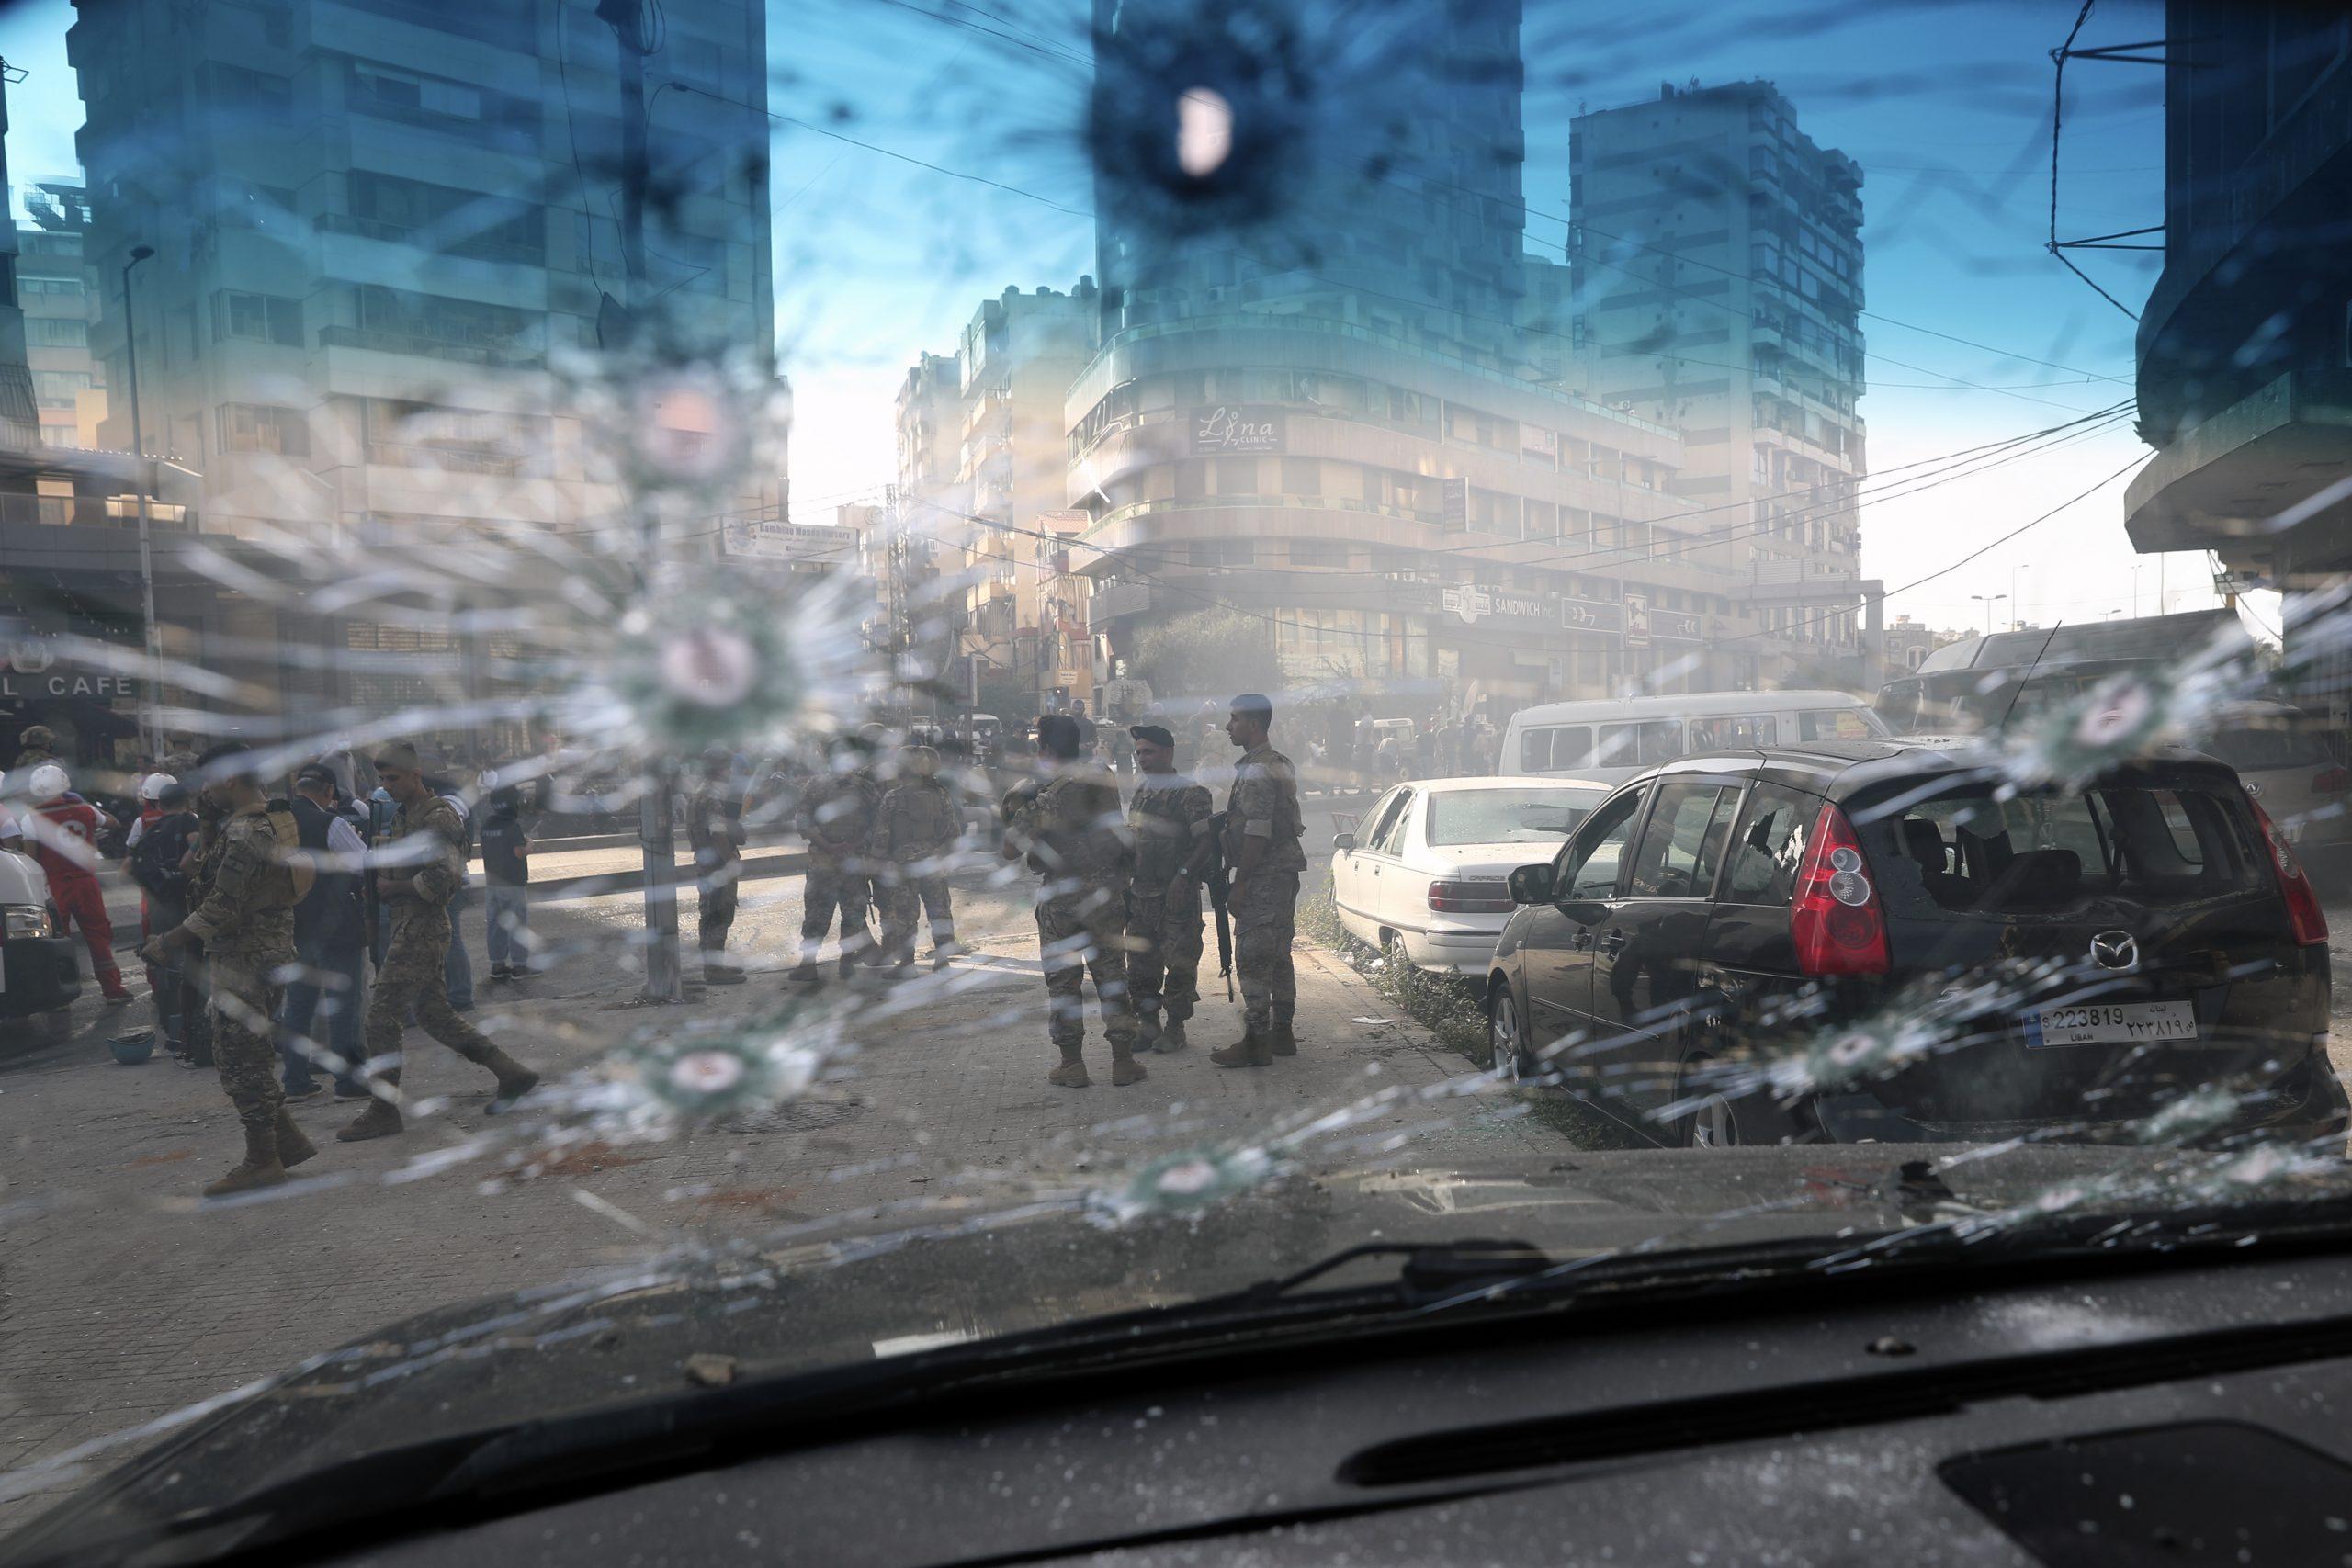 Soldaten der libanesischen Armee sind durch ein von Kugeln durchlöchertes Fenster eines Autos zu sehen.